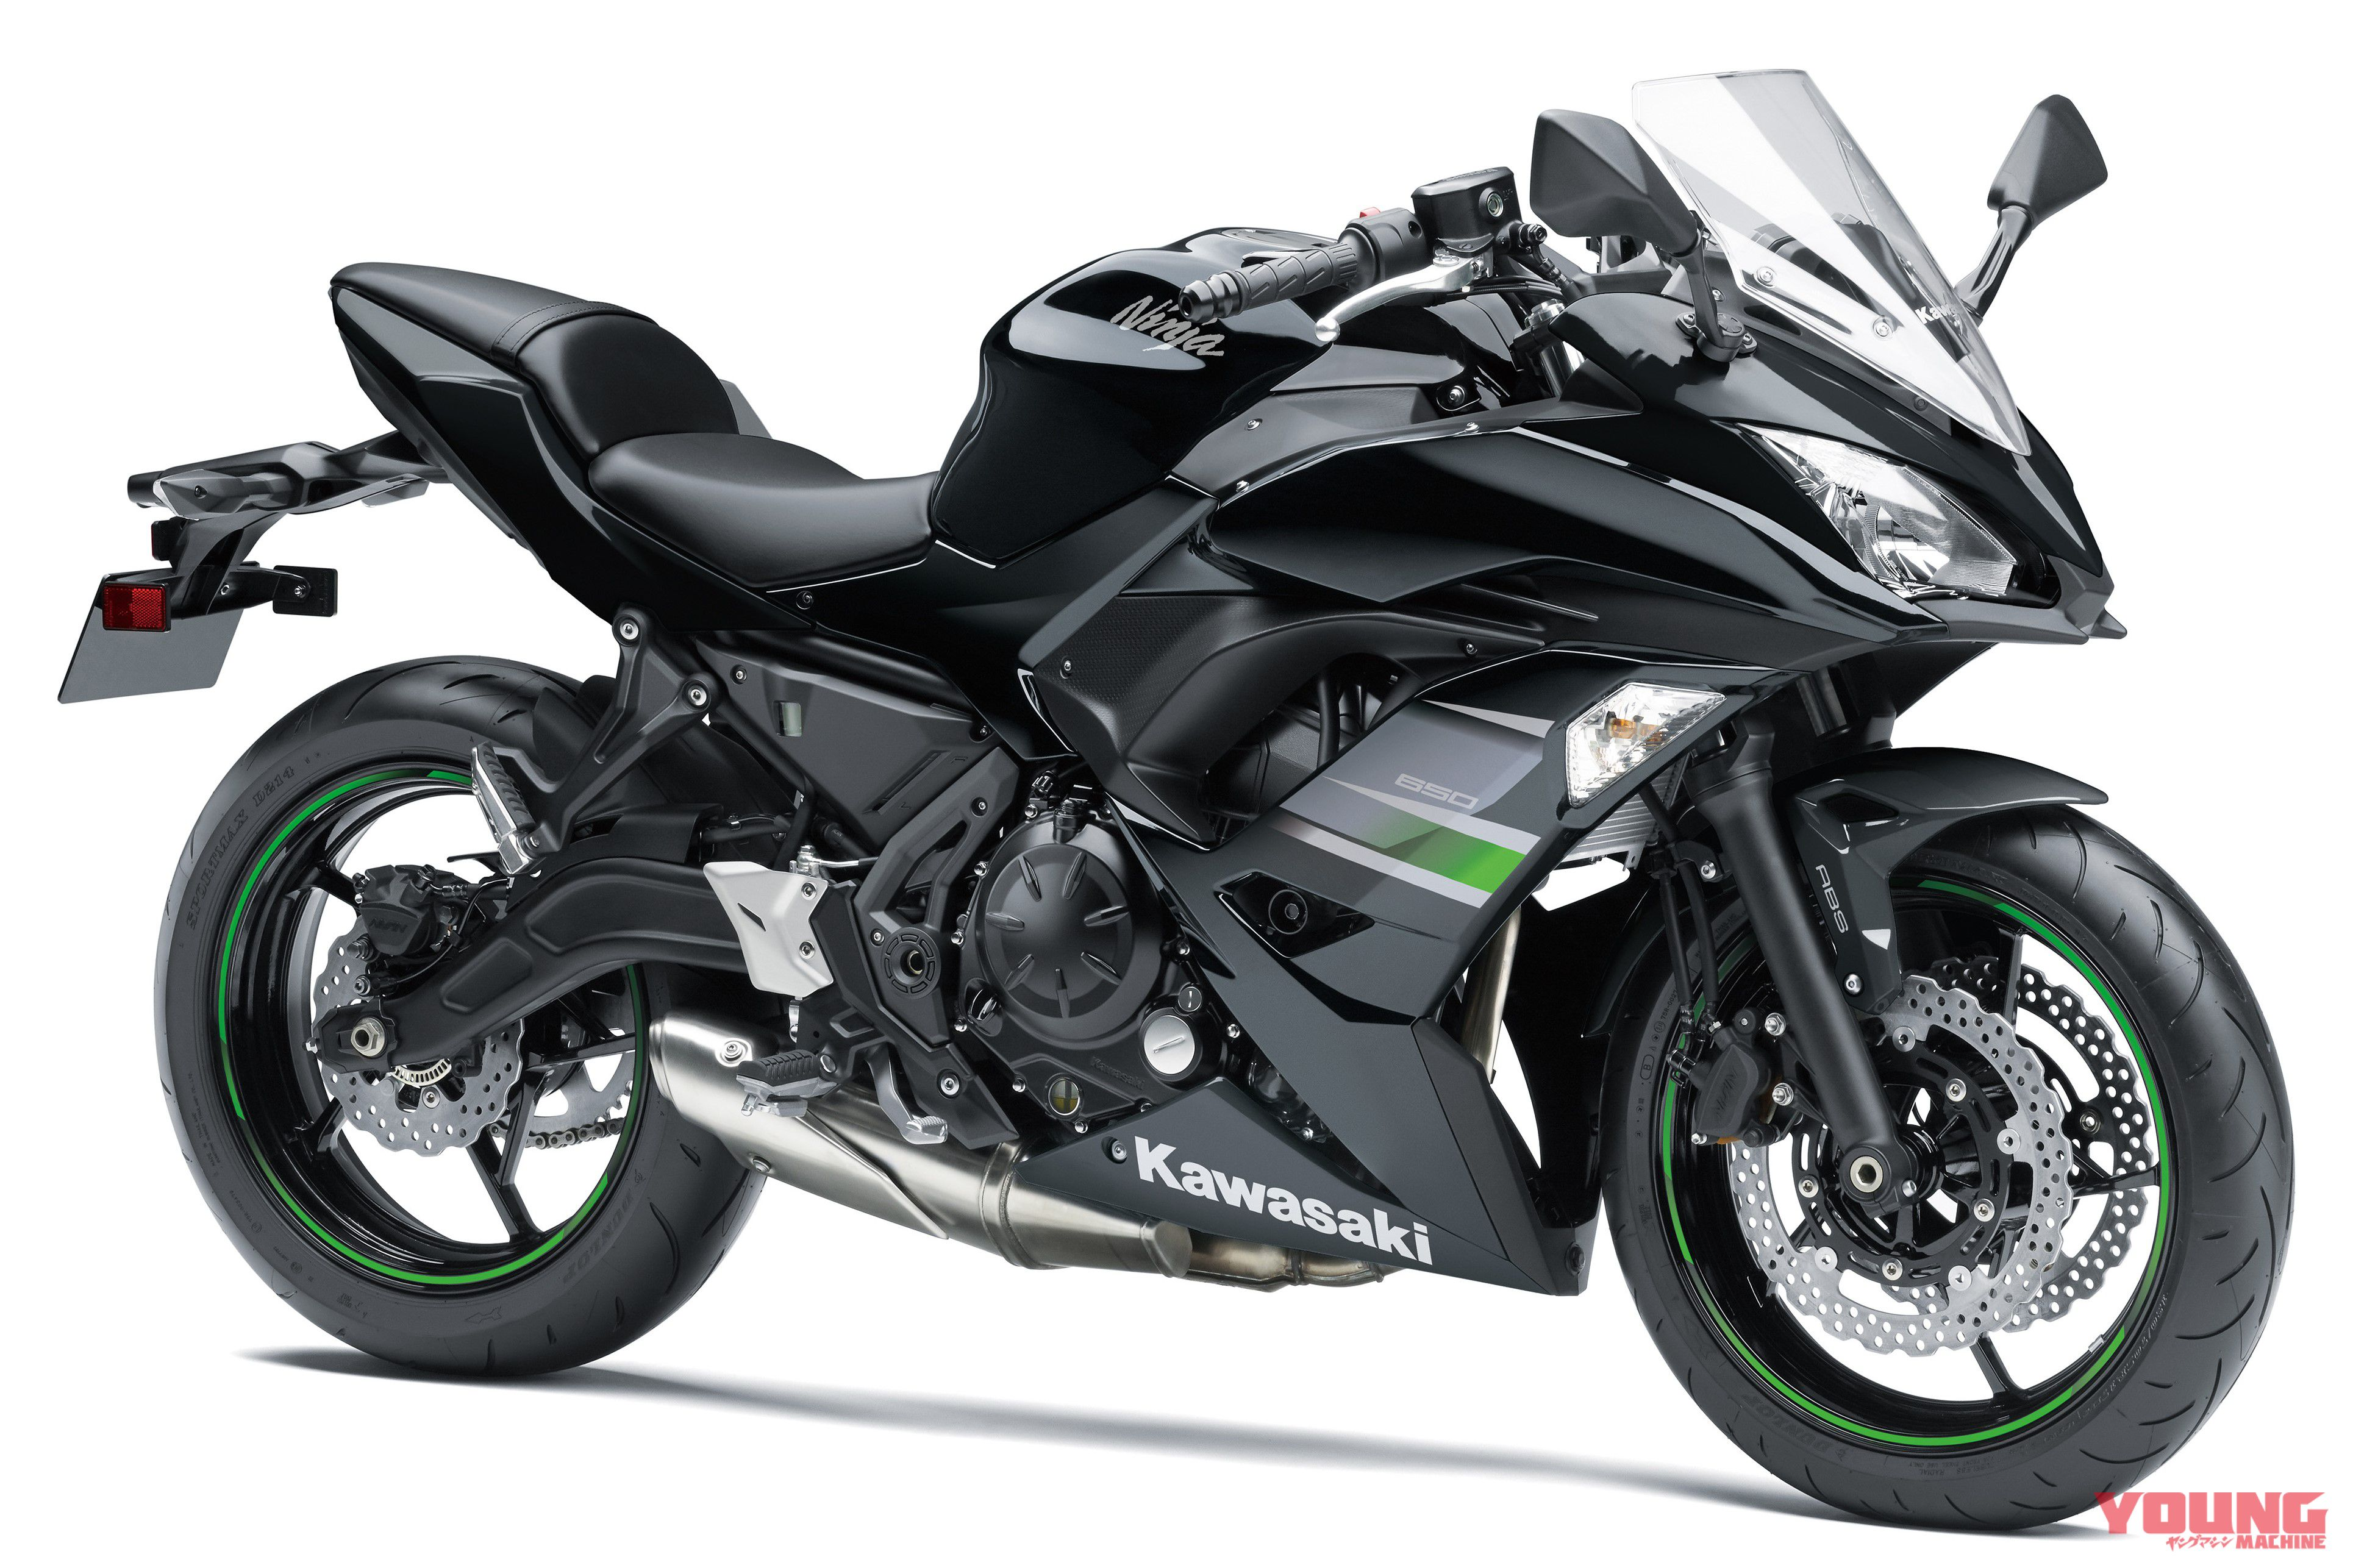 KAWASAKI Ninja 650 2019 model